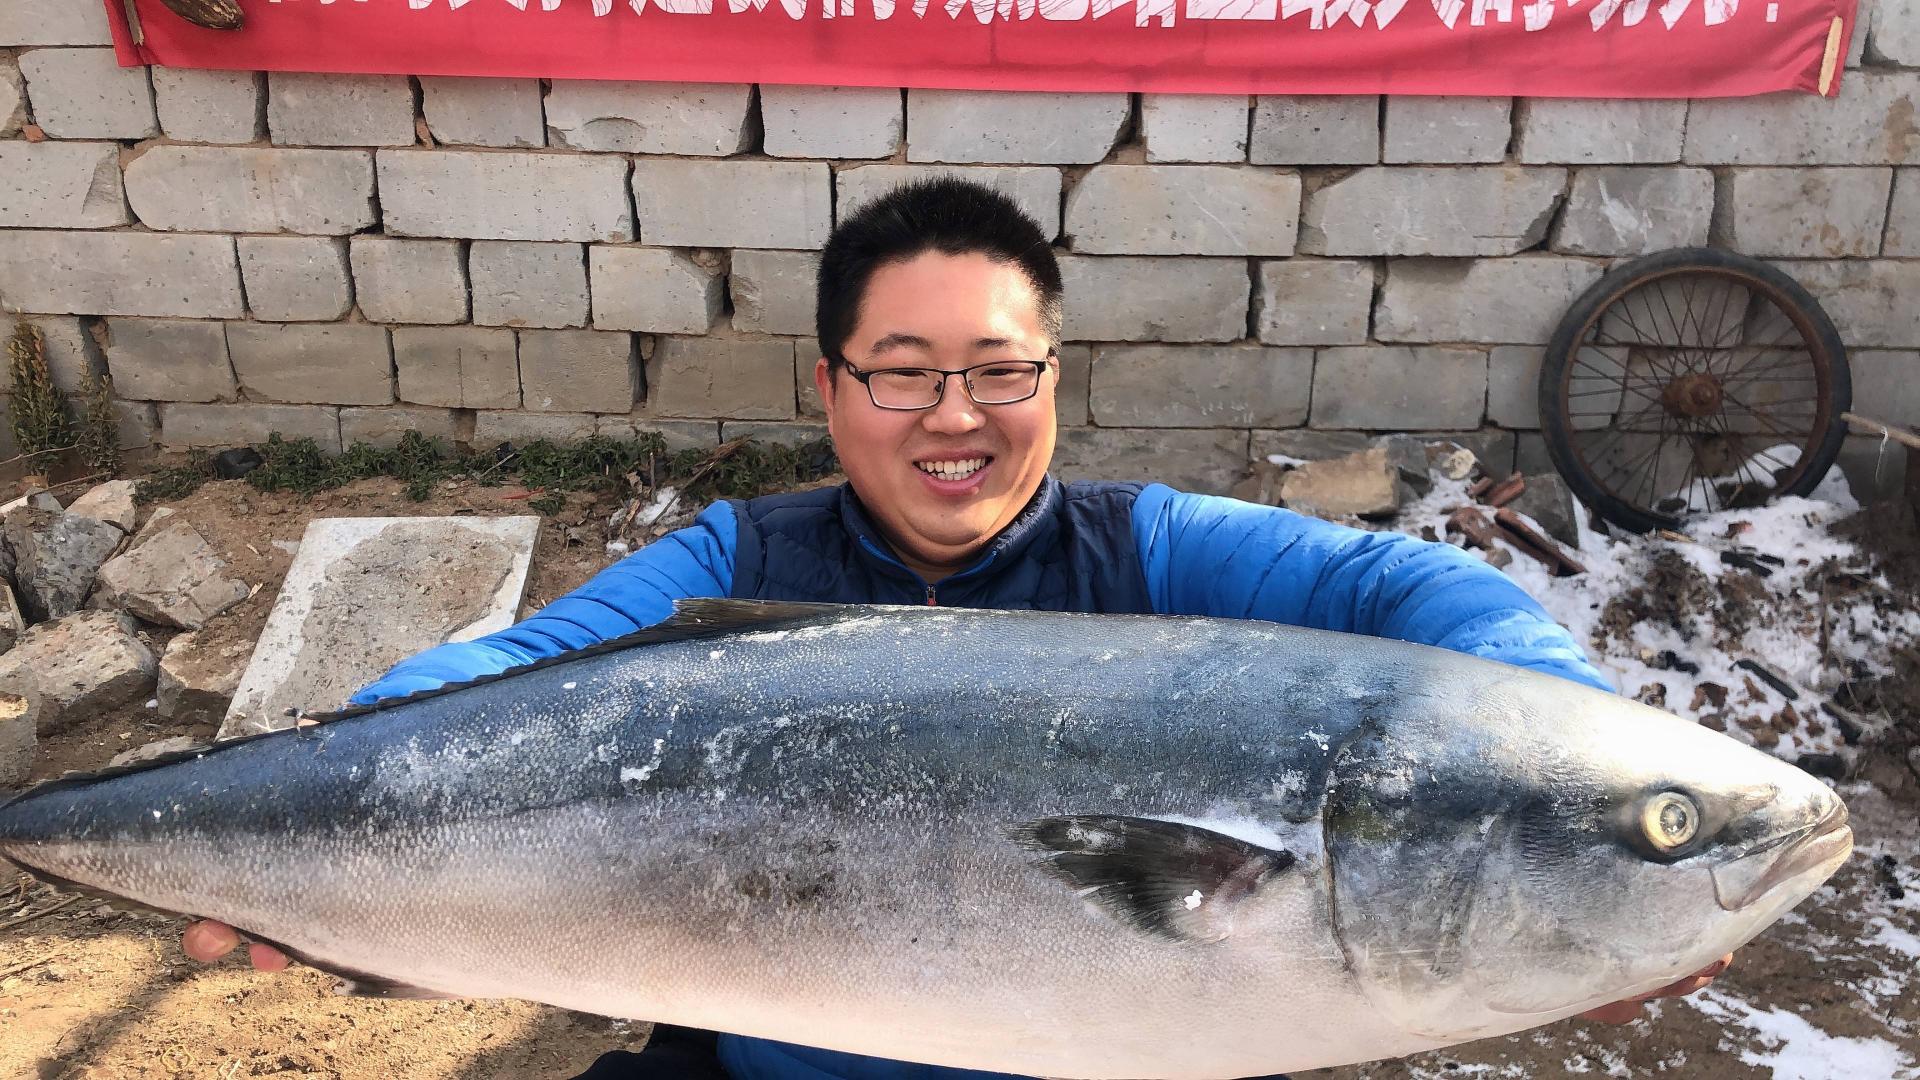 350元买25斤超大鲅鱼,剁成大块炸着吃,味道鲜美,一次吃过瘾!